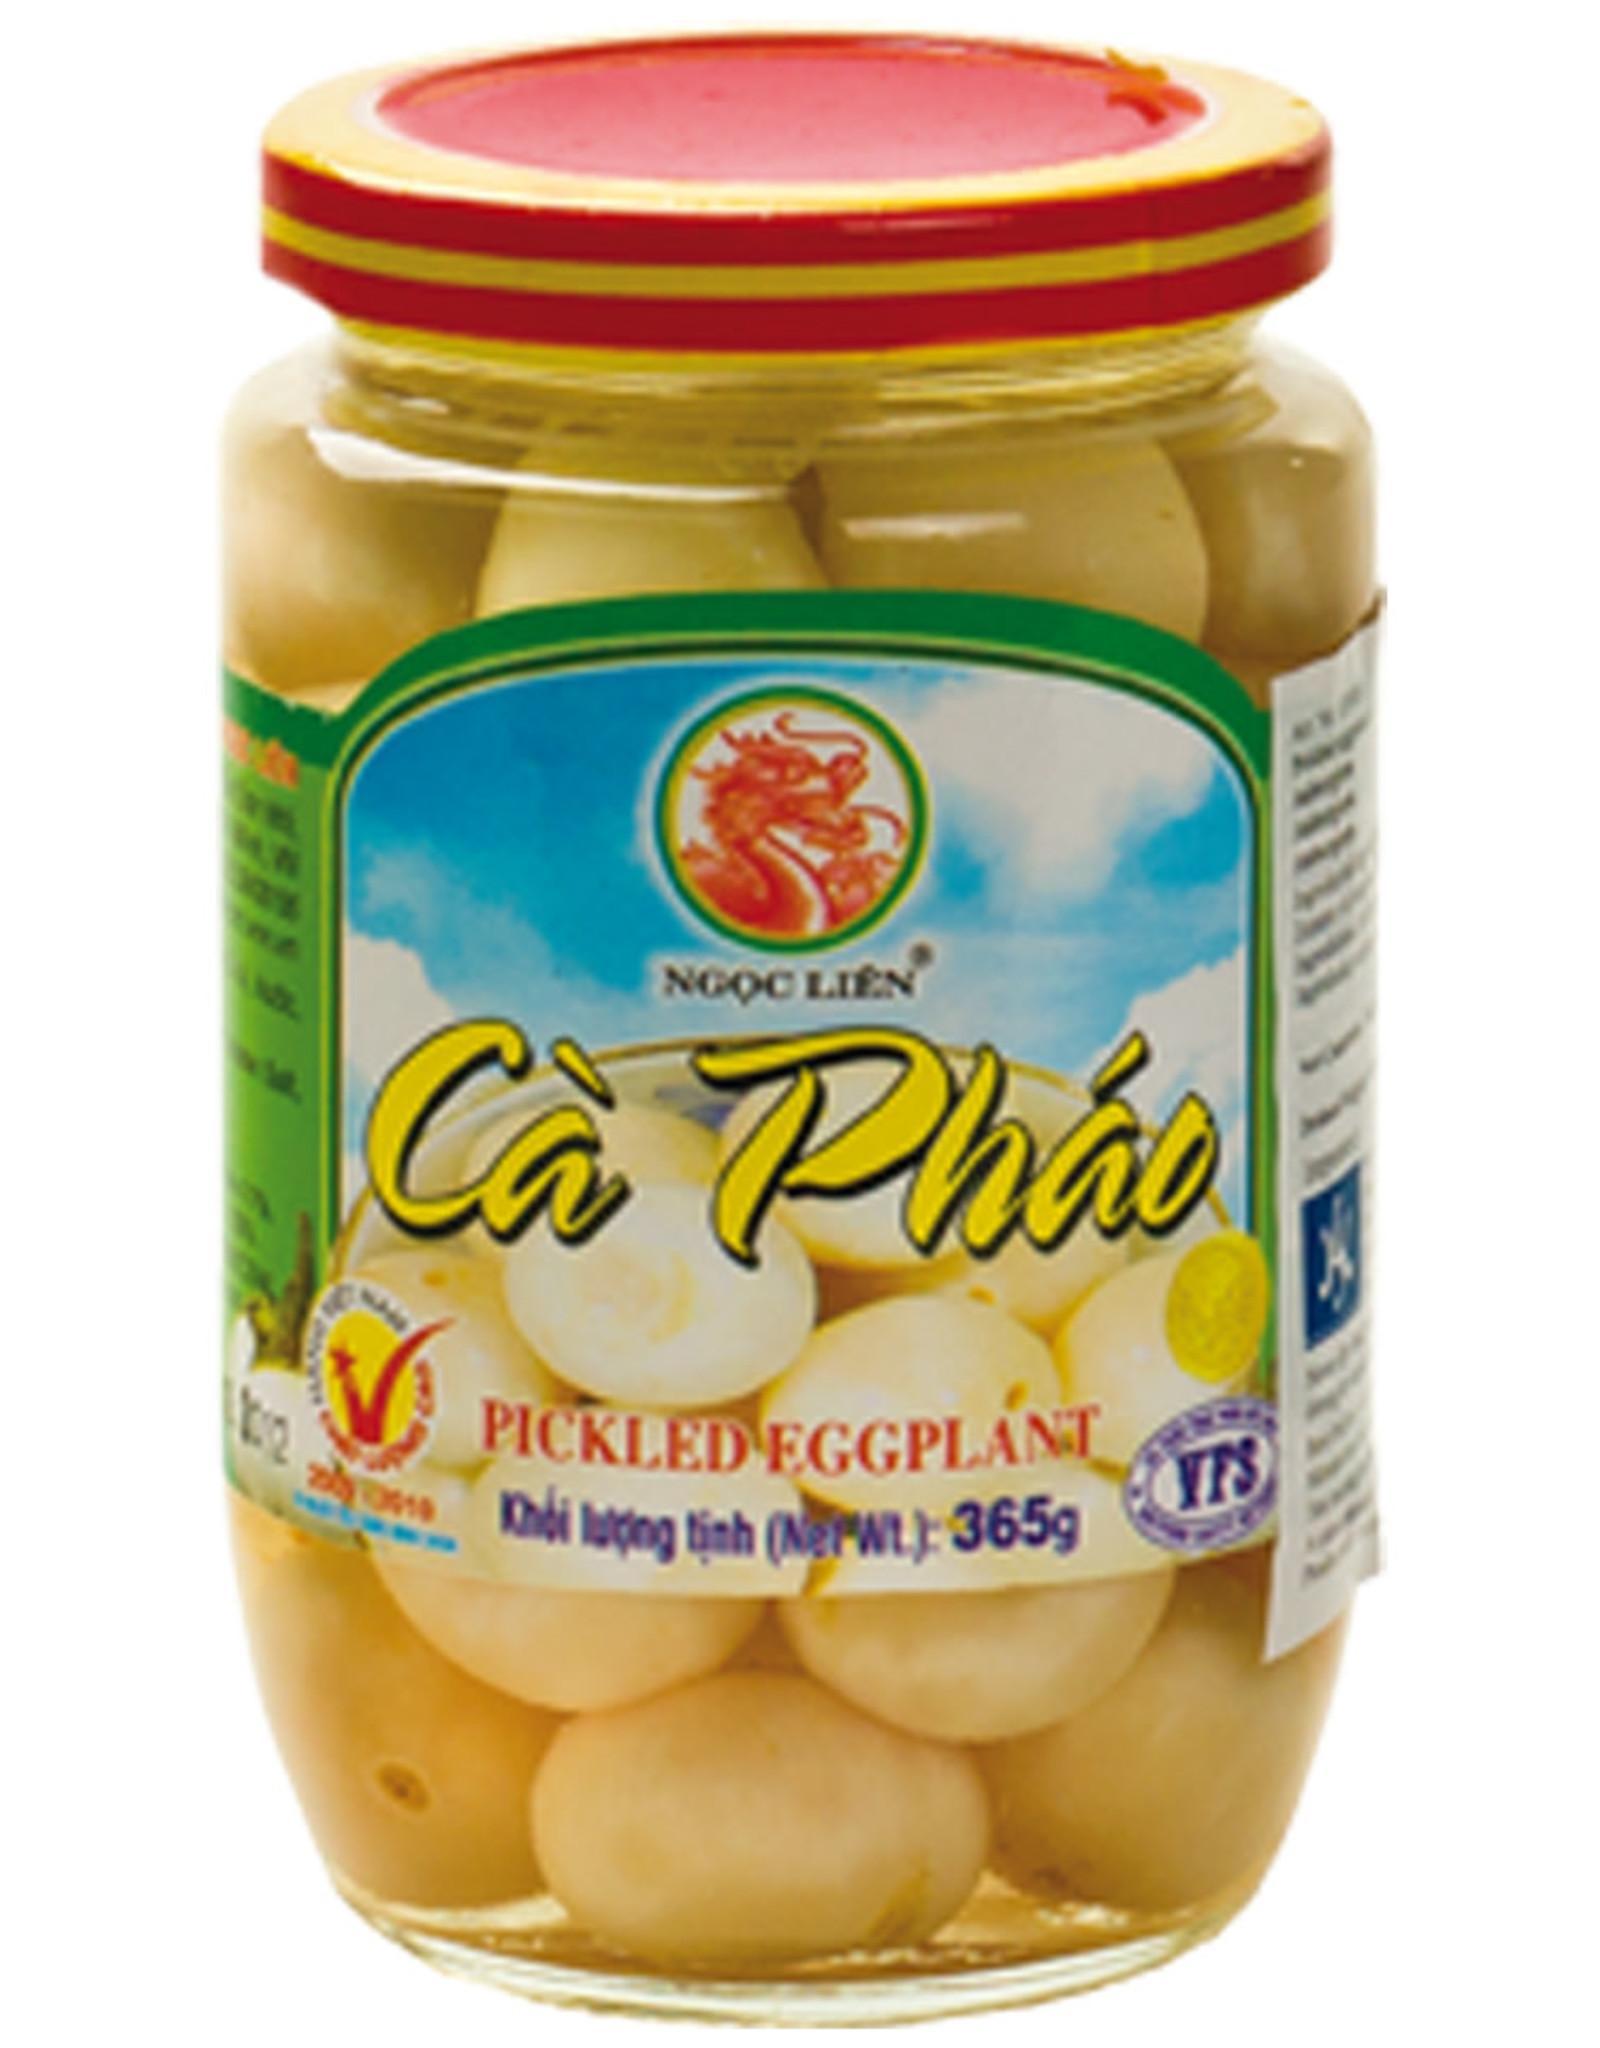 Eggplant Pickled Ngoc Lien 365G